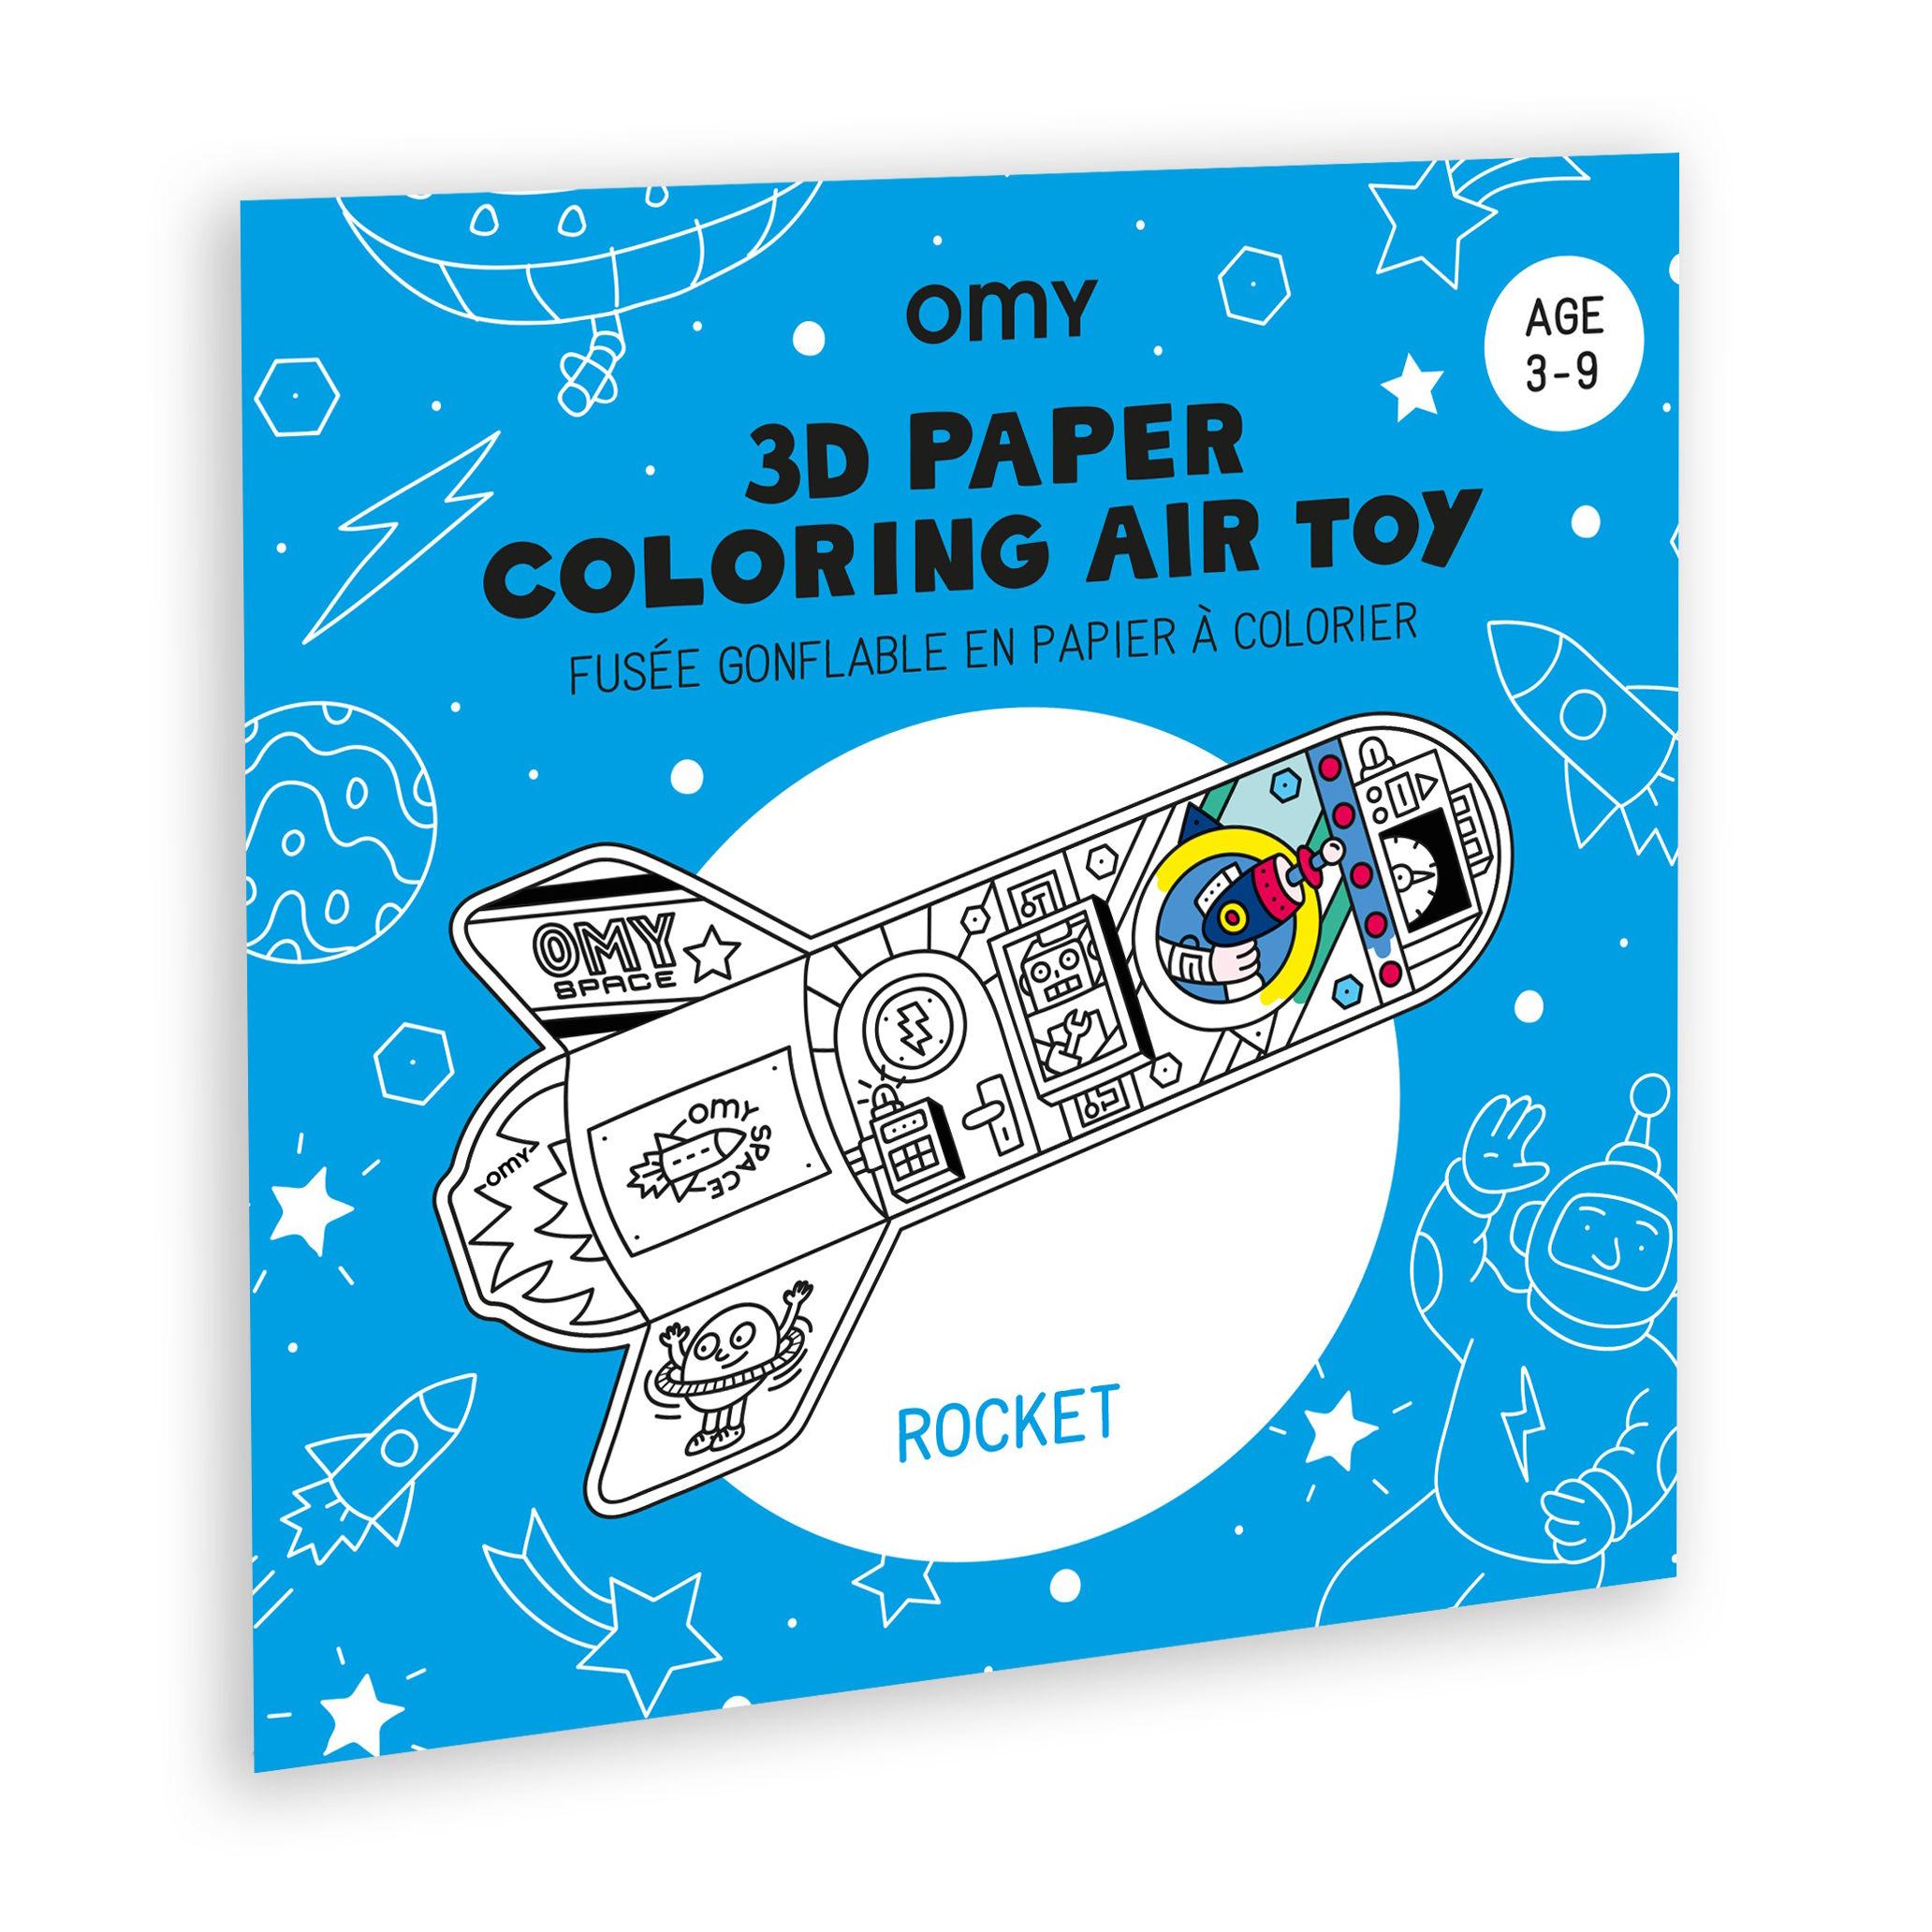 Déco - Pour les enfants - Coloriage 3D à gonfler Rocket / Fusée en papier - OMY Design & Play - Fusée - Nylon, Papier